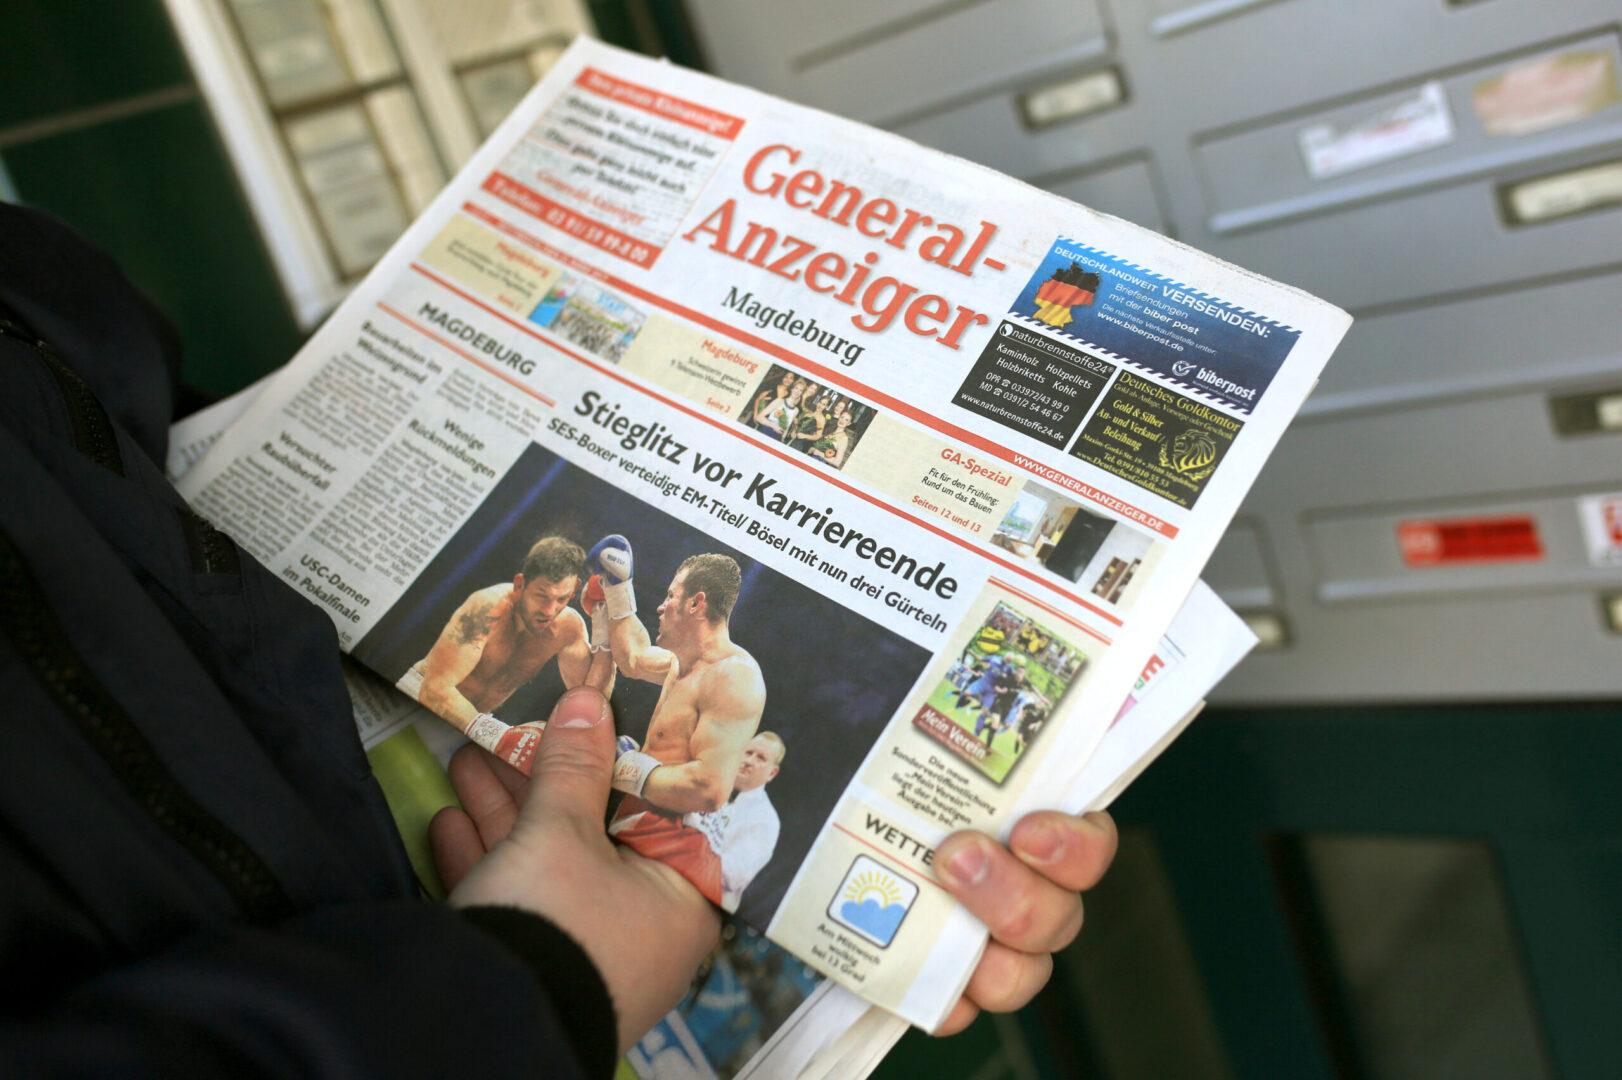 Anzeigenblatt General-Anzeiger